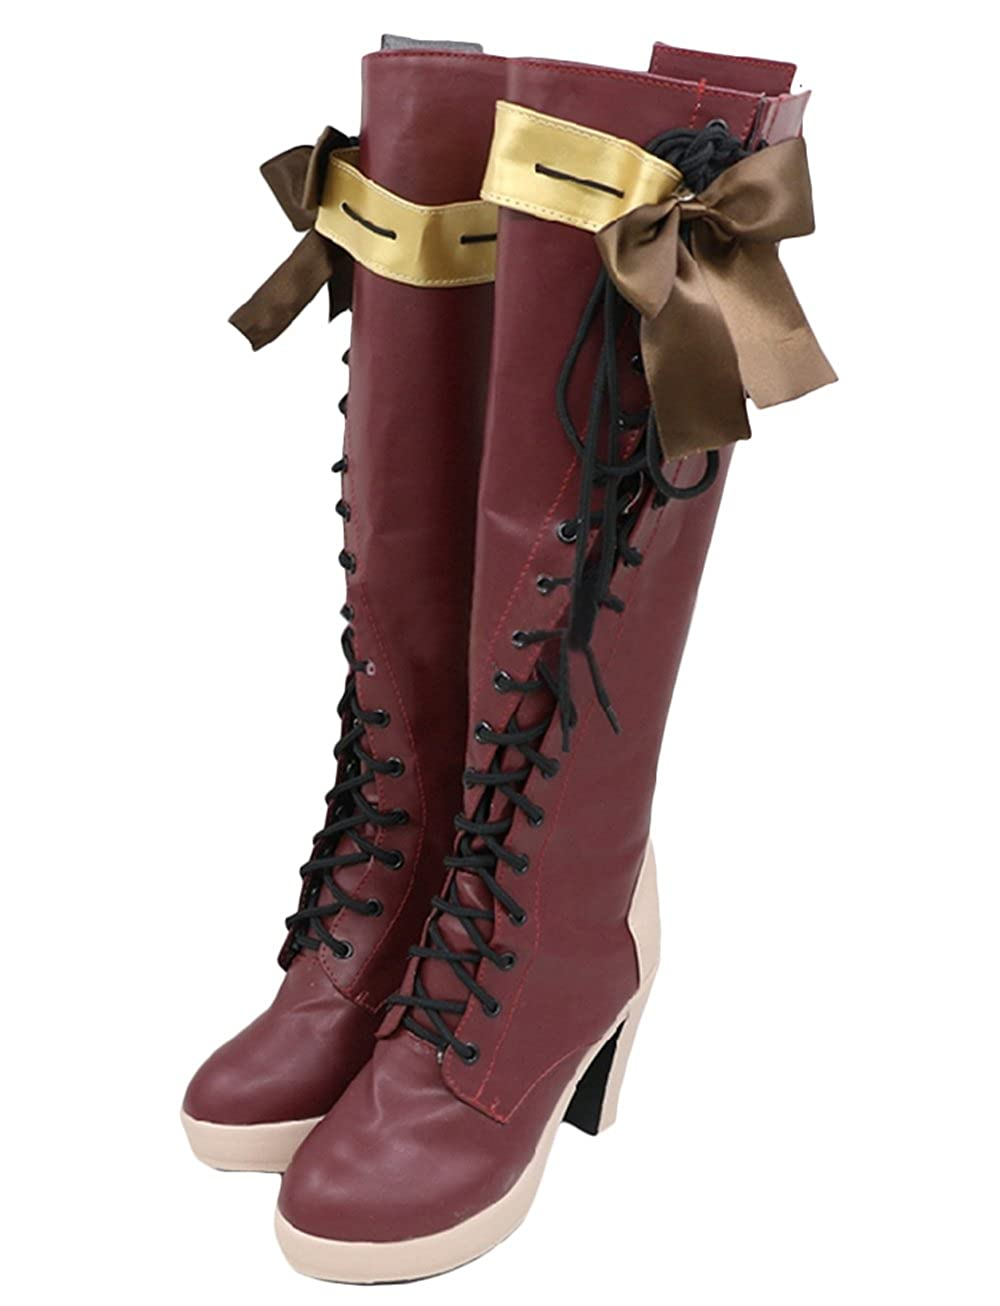 Damen Rot Stiefel & Stiefeletten Lady Block High Heel Anime Schuhe Cosplay Kostüm Halloween Kostüm Merchandise Zubehör